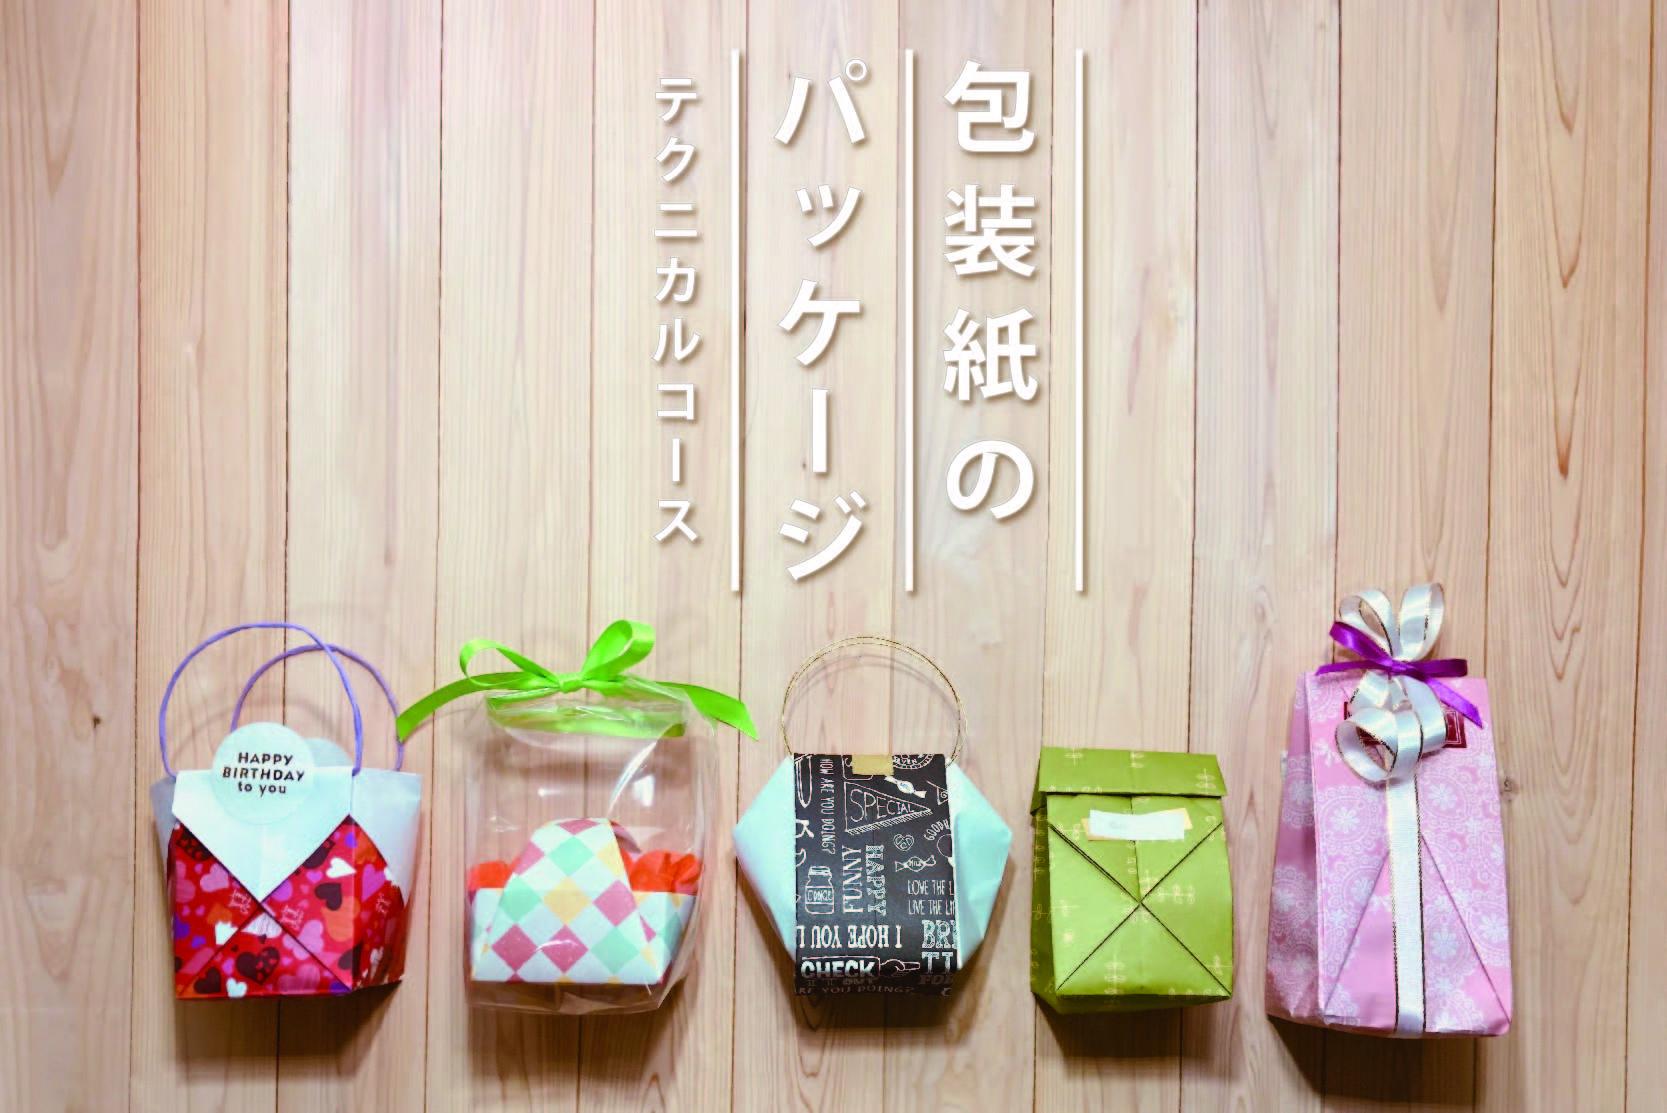 ラッピング講習会: 包装紙のパッケージ